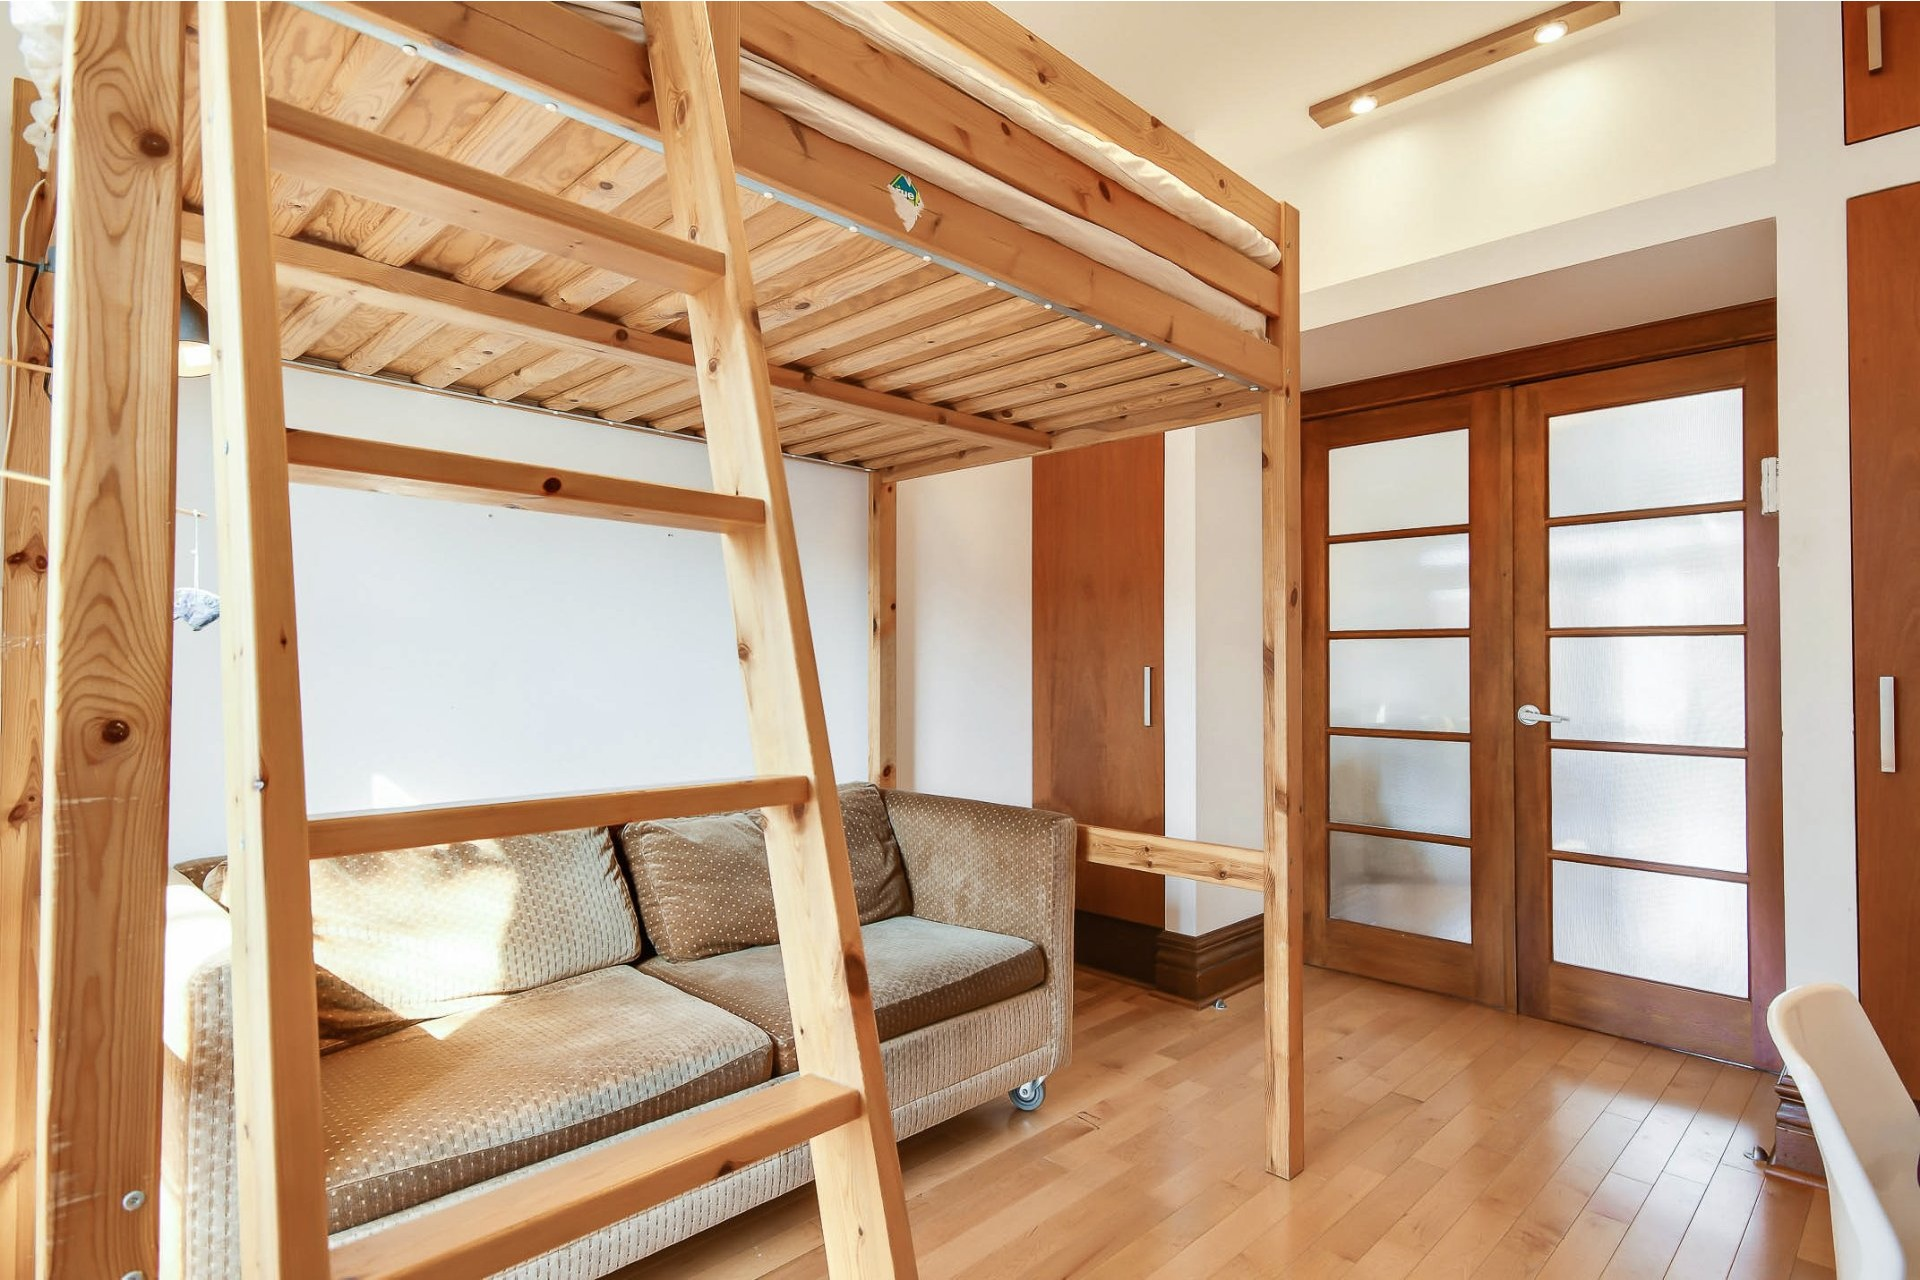 image 10 - Appartement À vendre Le Plateau-Mont-Royal Montréal  - 8 pièces